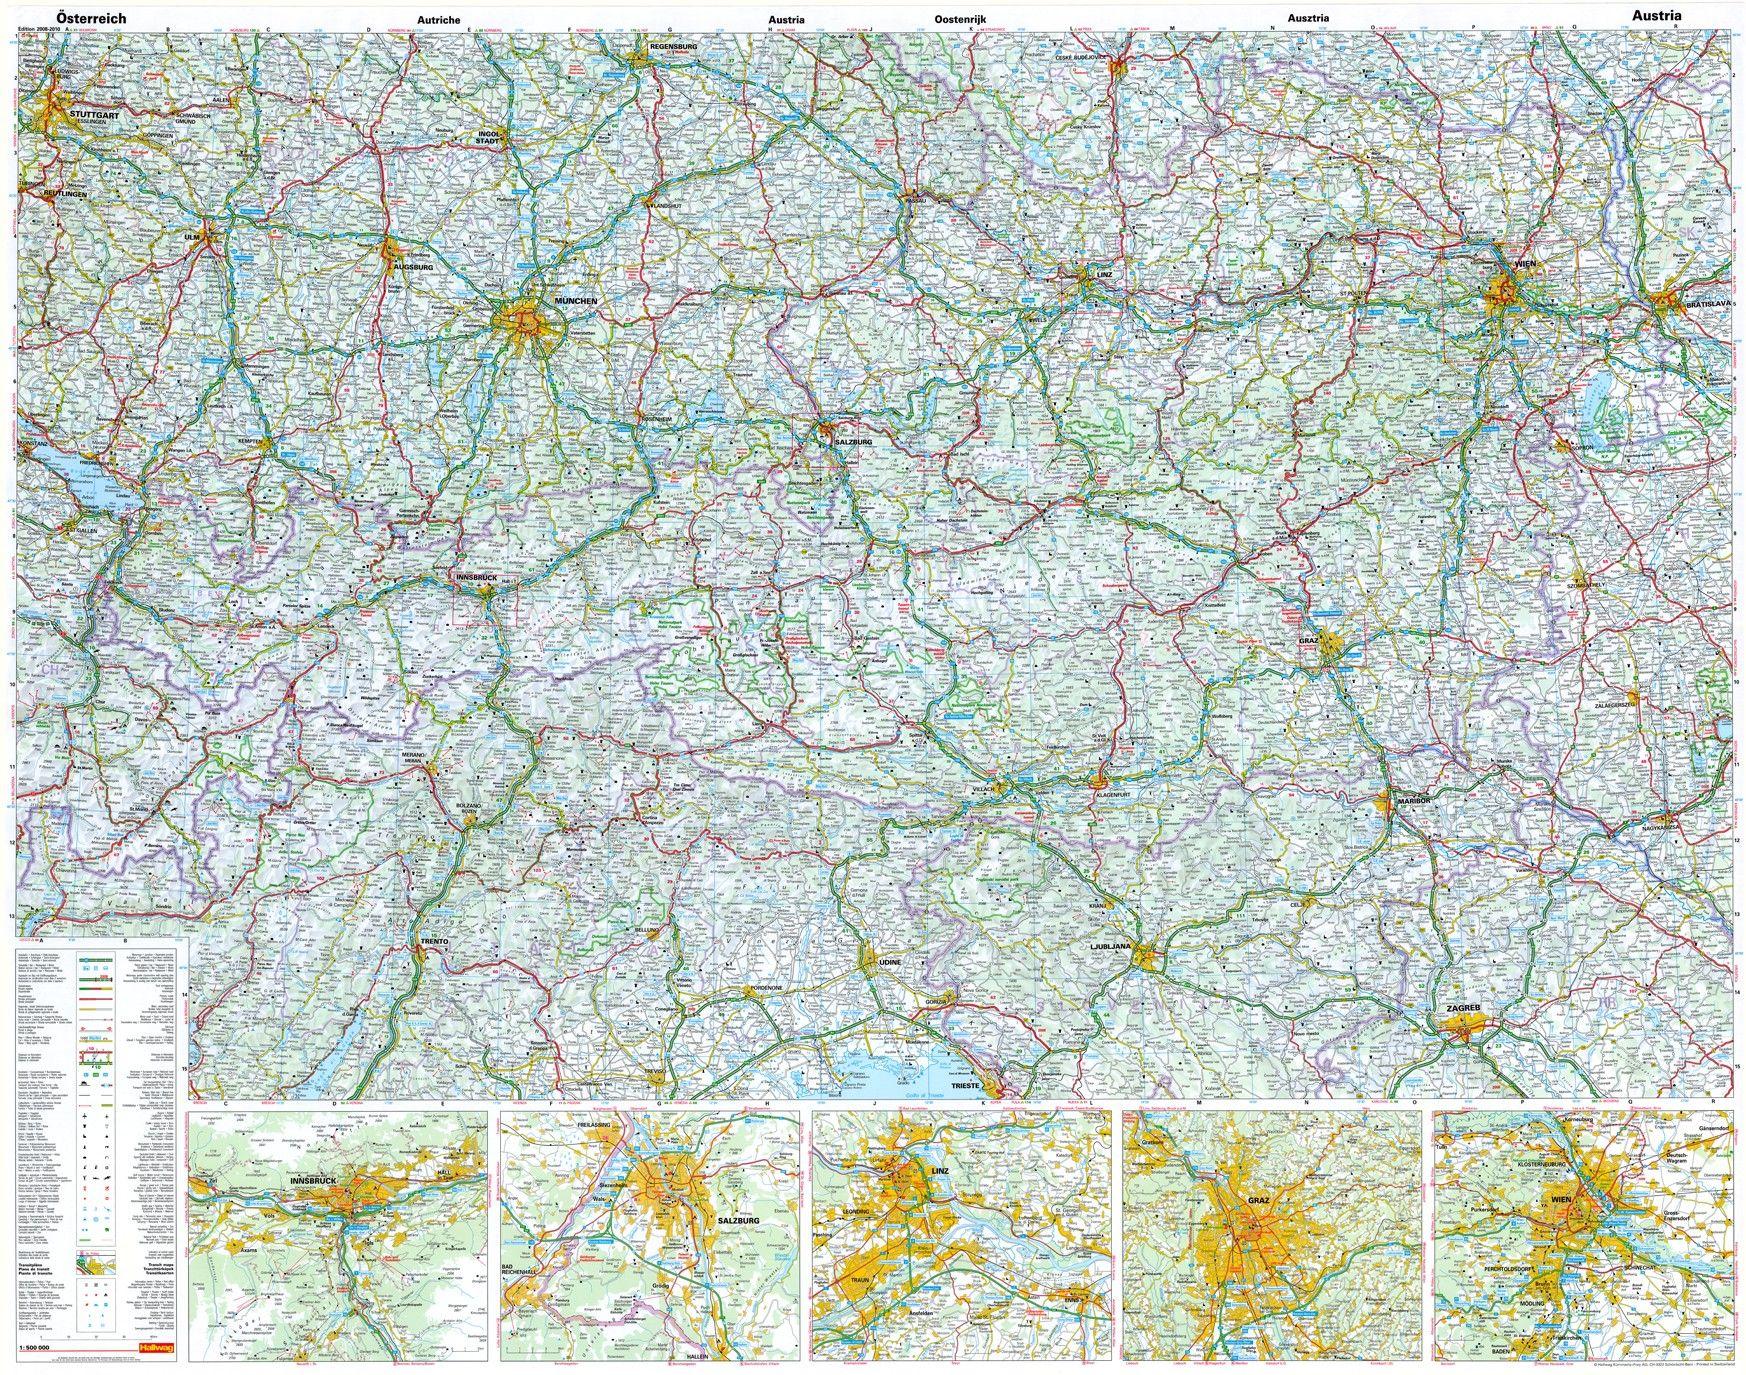 Landkaart Oostenrijk